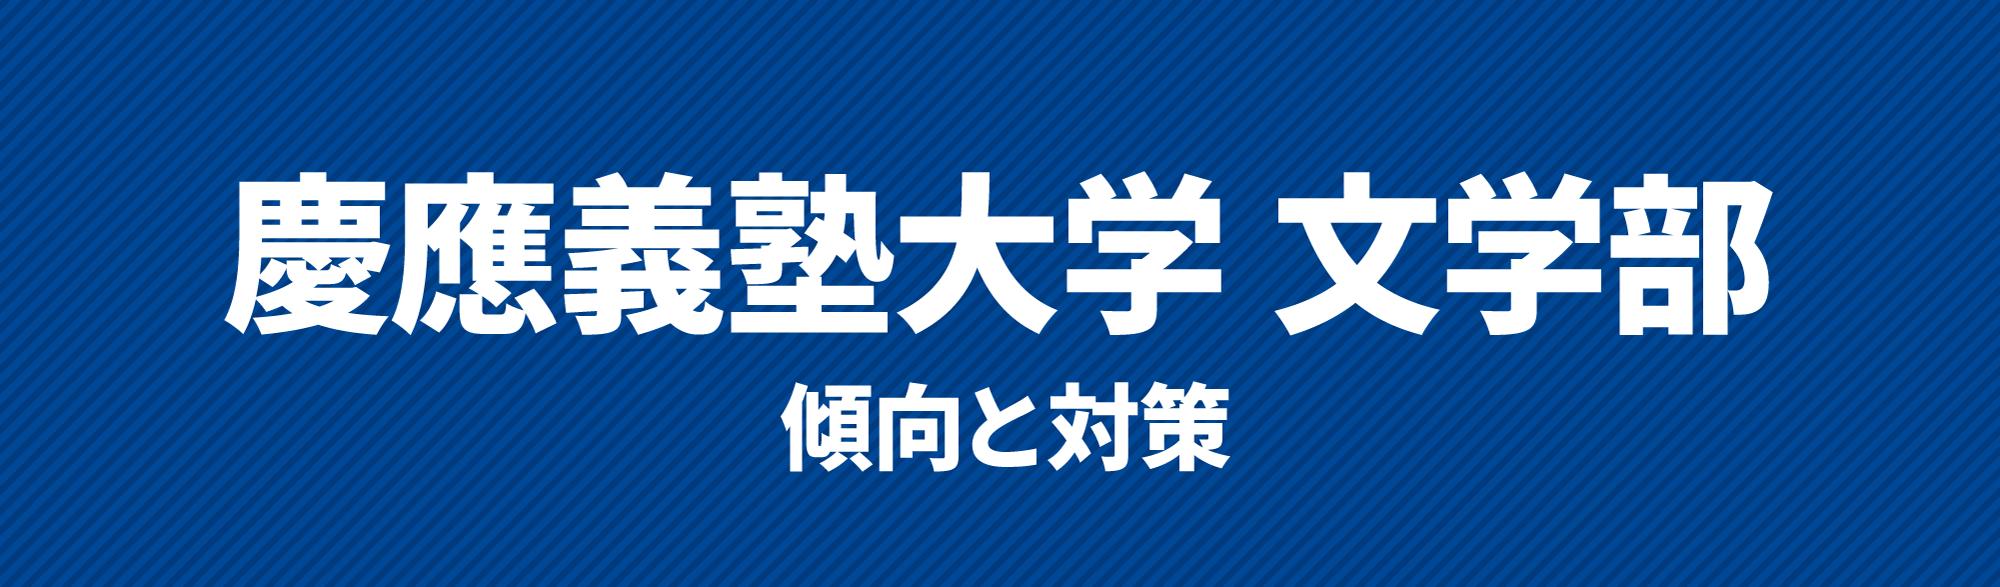 慶應義塾大学文学部傾向と対策